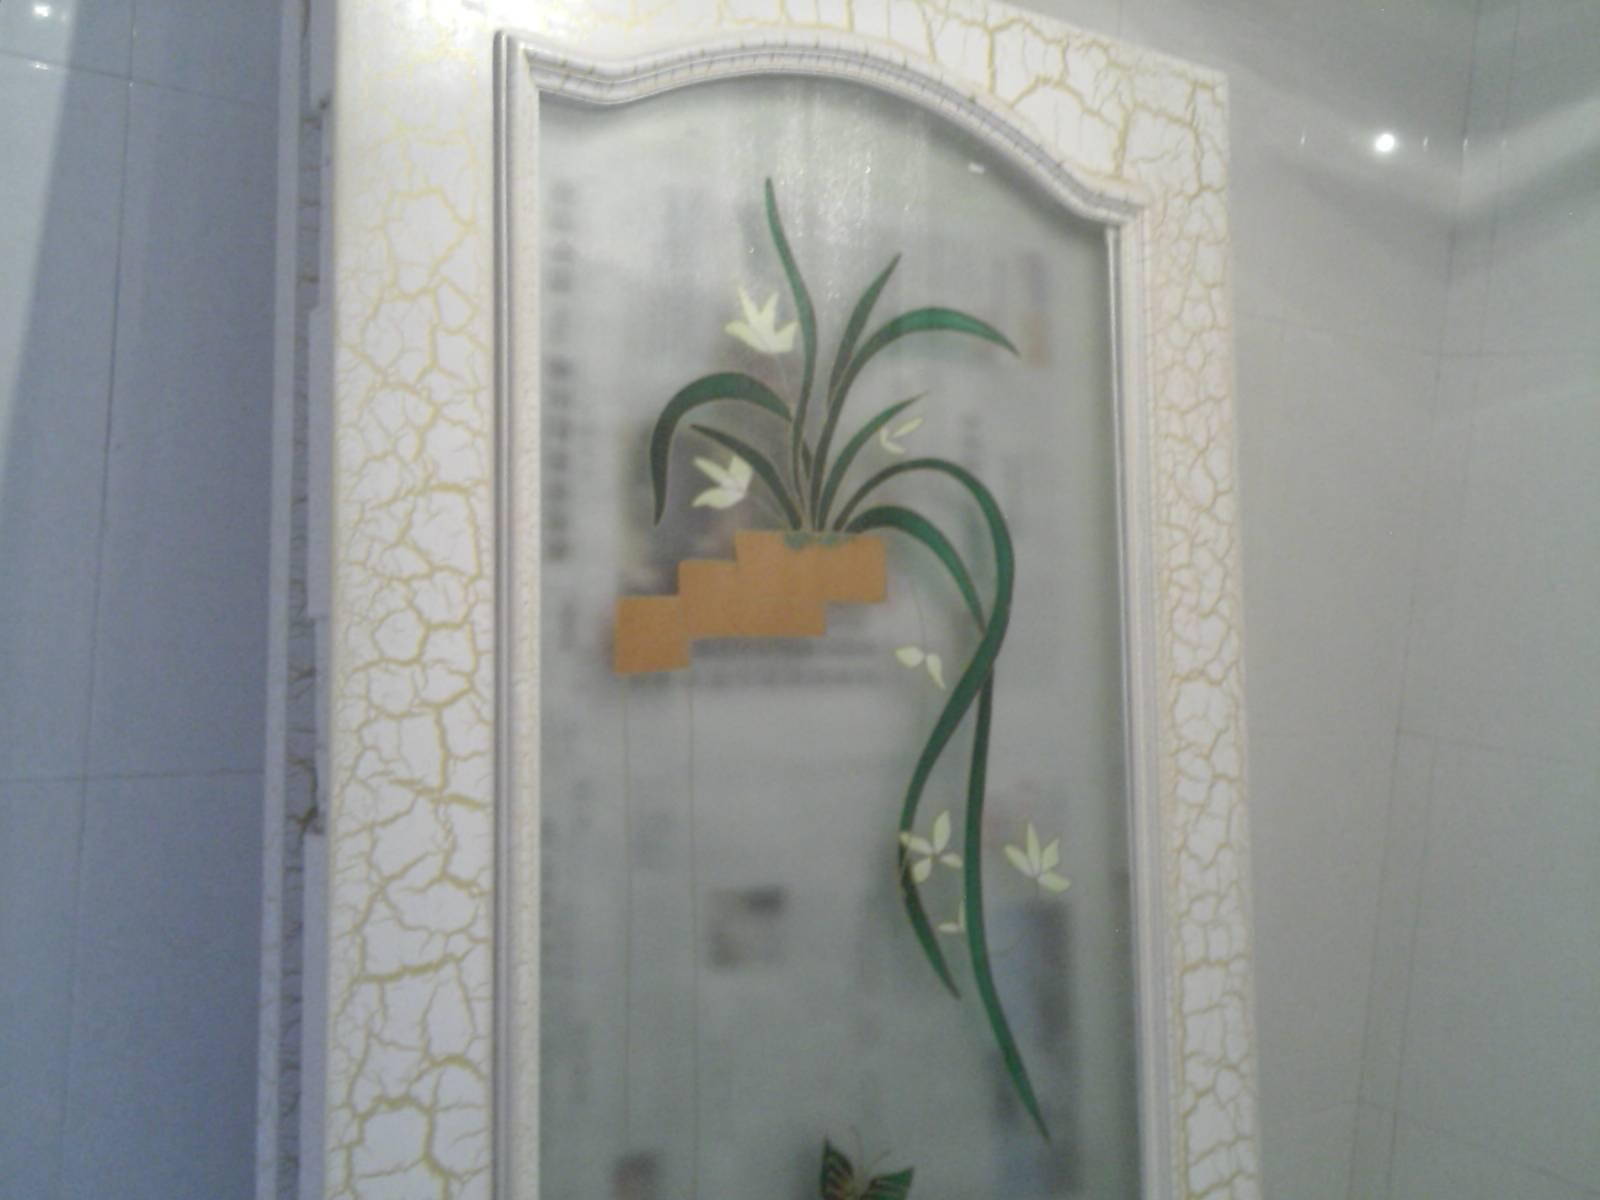 图片 太古新天地小区高层精品装饰样板间.使 哈 高清图片